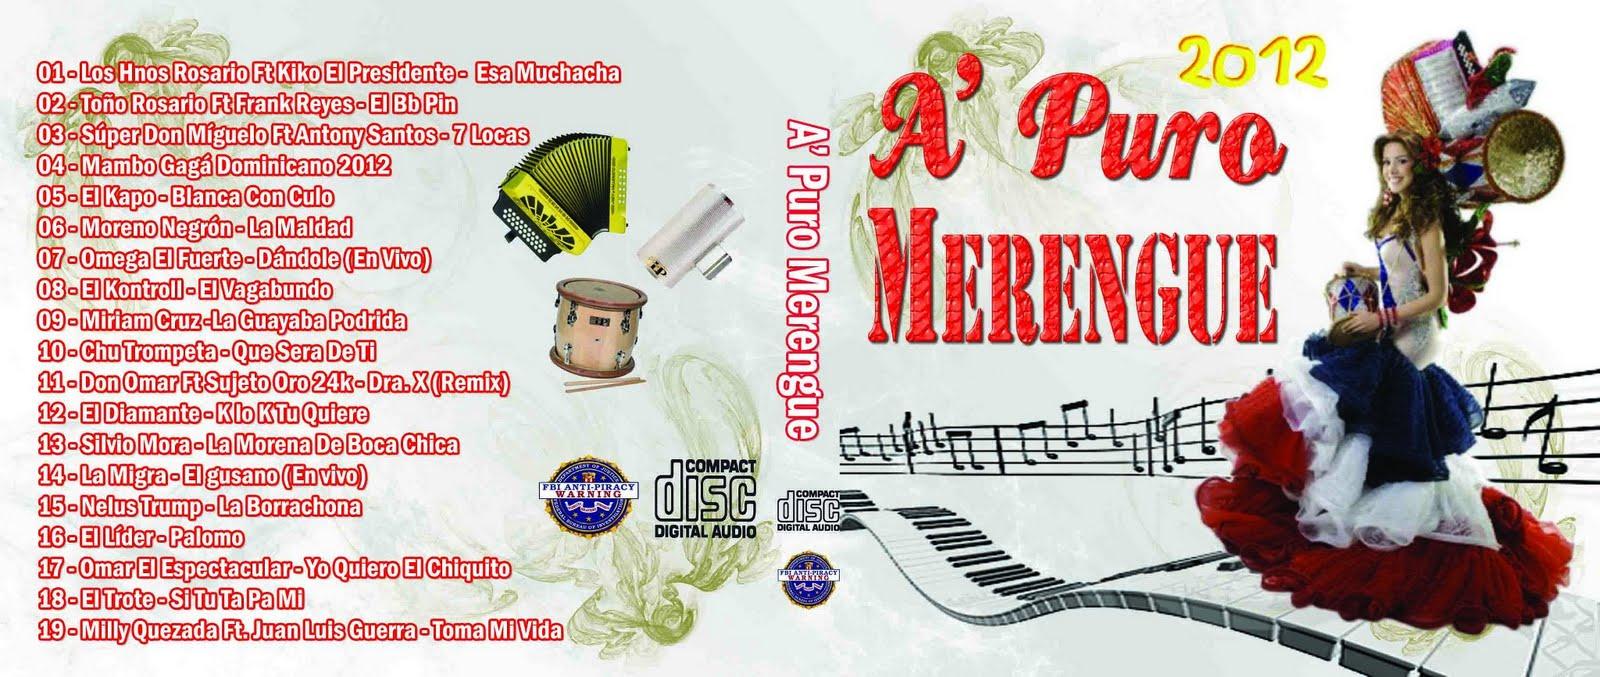 video de musica merengue: